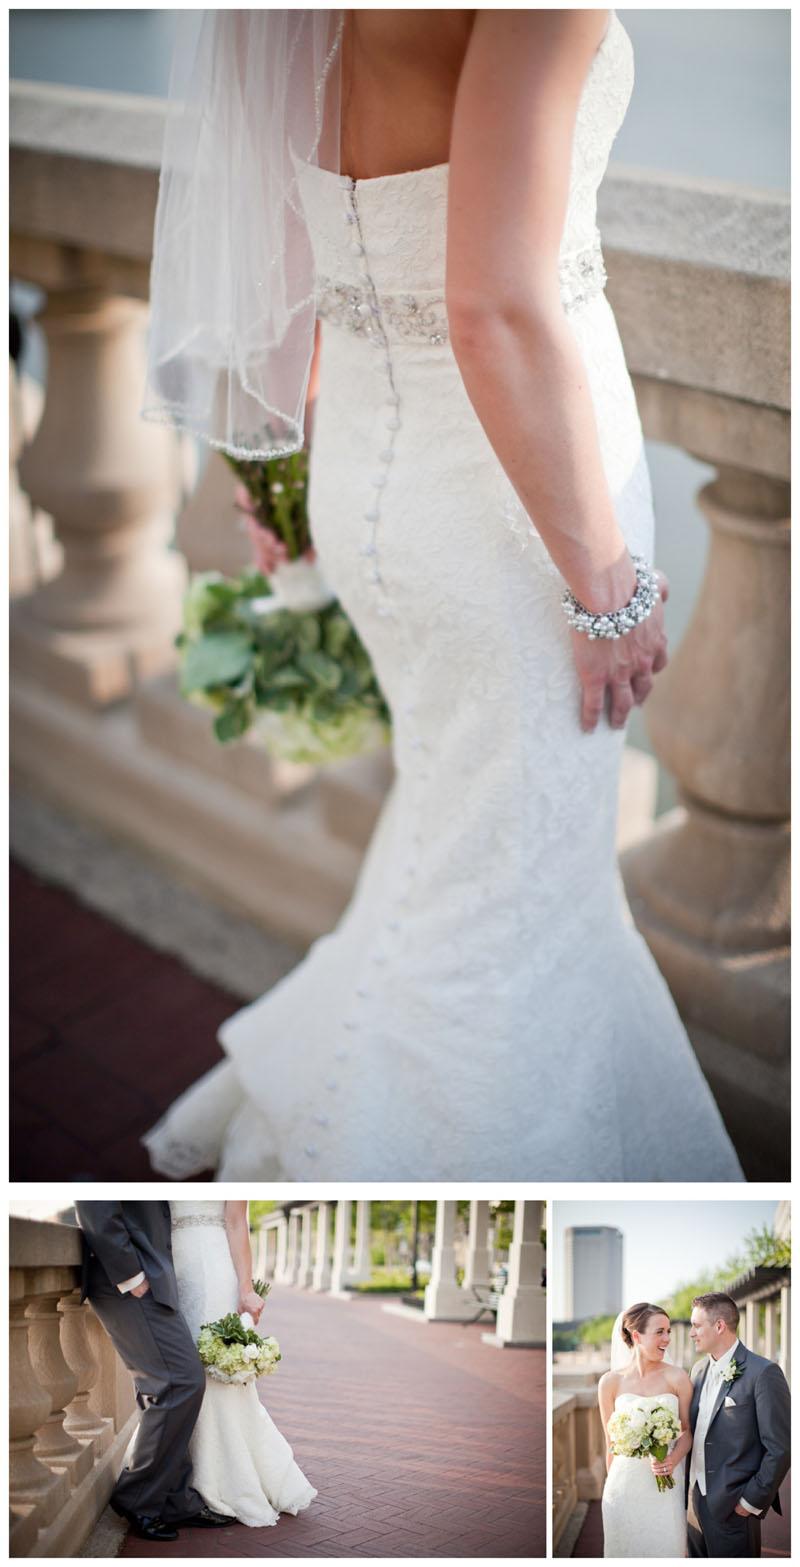 LilyGlassPhotography_Columbus Ohio Wedding Photography07.jpg